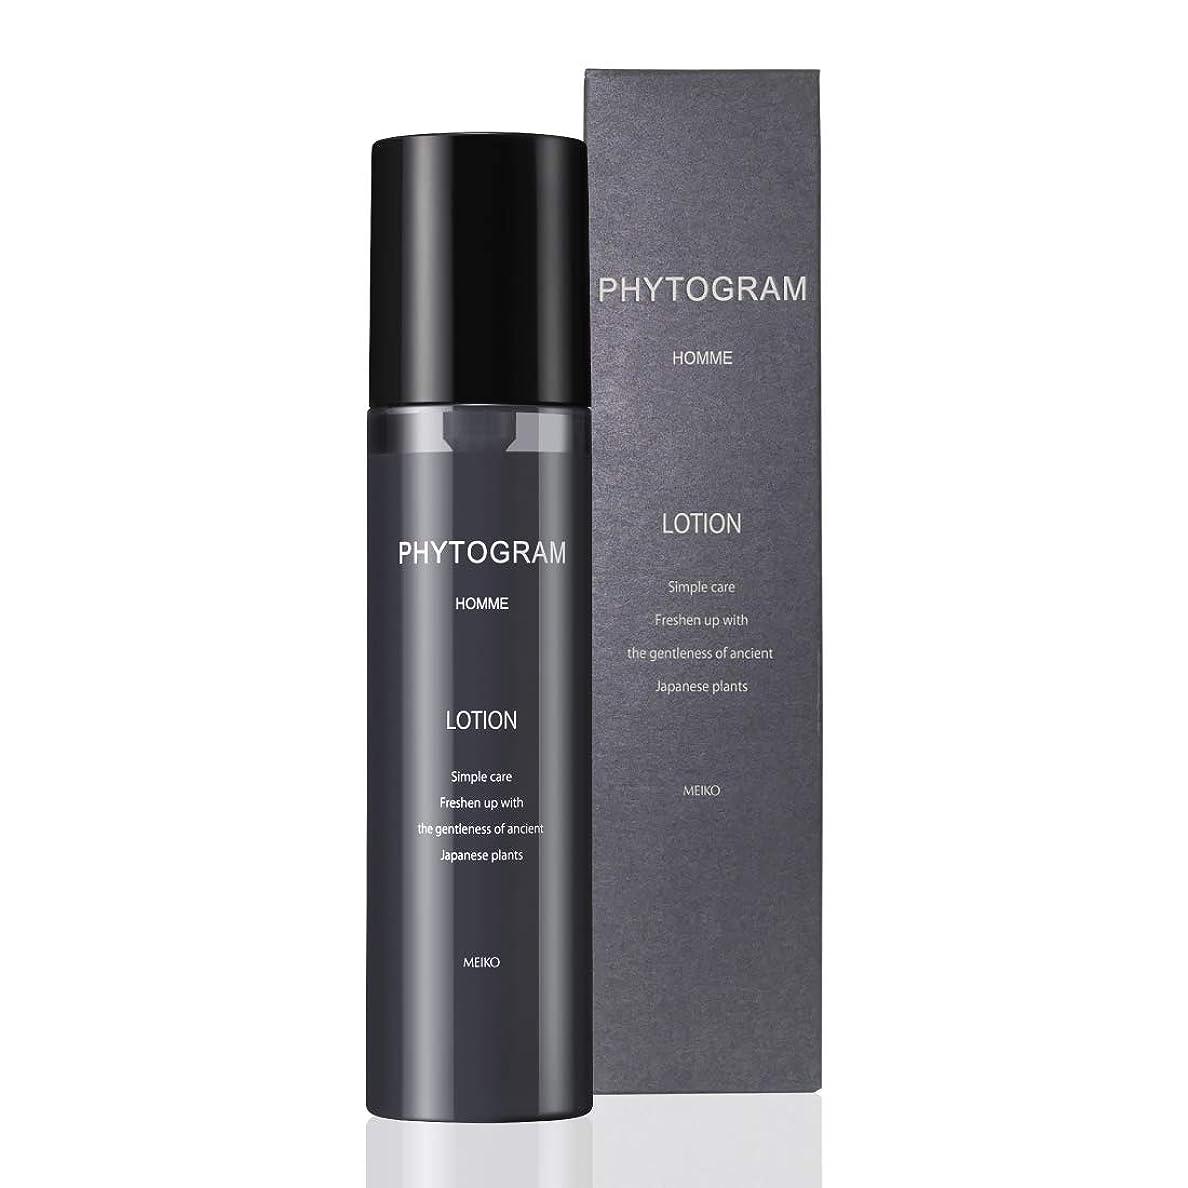 パーフェルビッドスカーフ公爵メンズ 化粧水 150mL ( 男性用 ローション 保湿 ナチュラル 植物 日本製 ) 【フィトグラム】